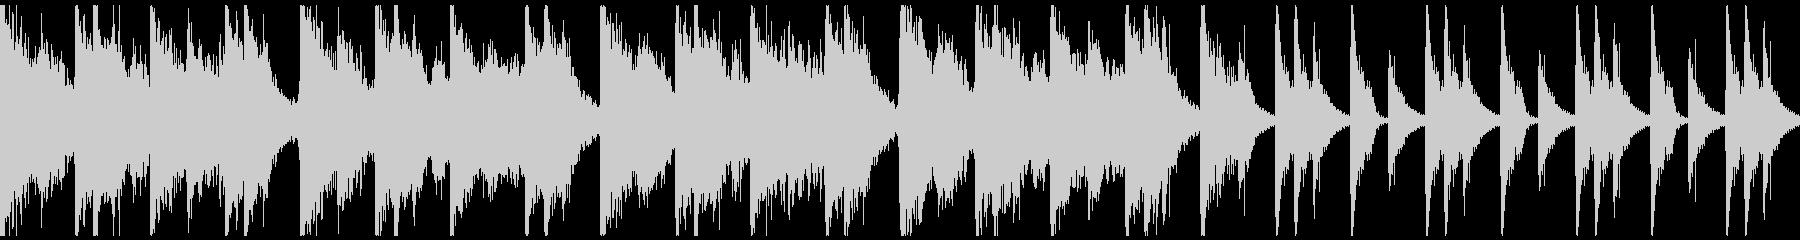 勇壮クラップ&ストンプ&コーラス/ループの未再生の波形